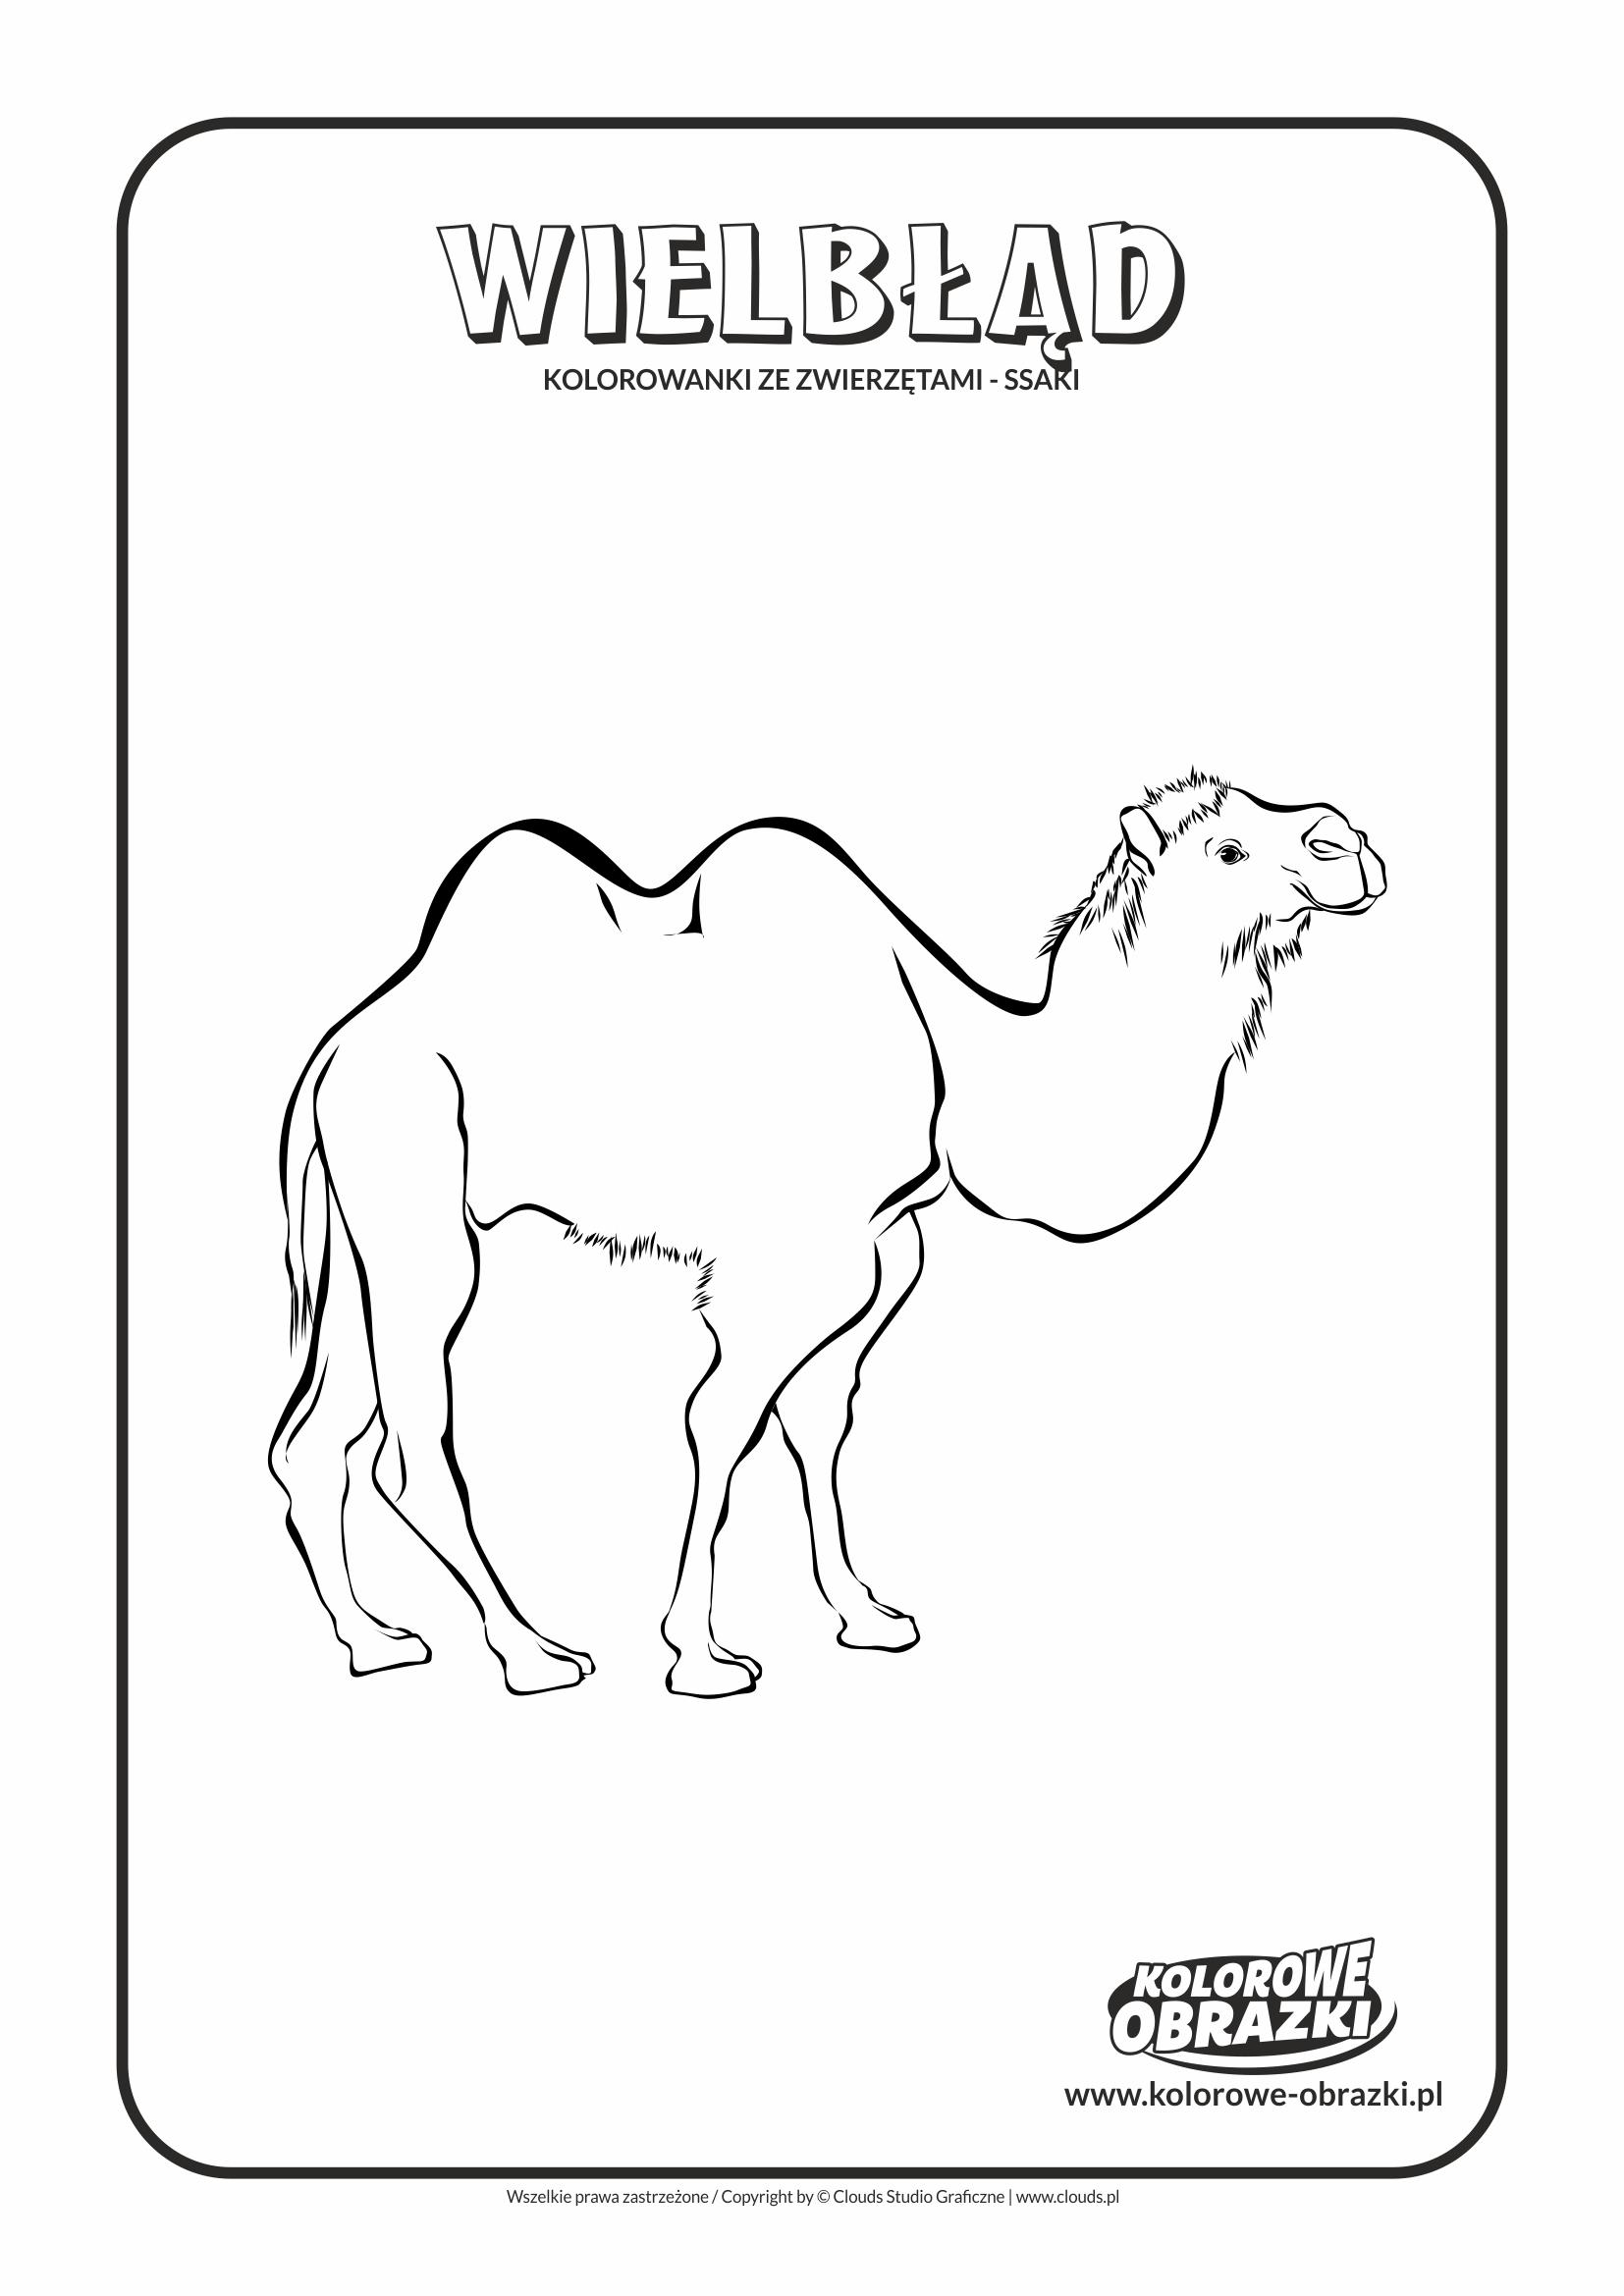 Kolorowanki dla dzieci - Zwierzęta / Wielbłąd, Kolorowanka z wielbłądem